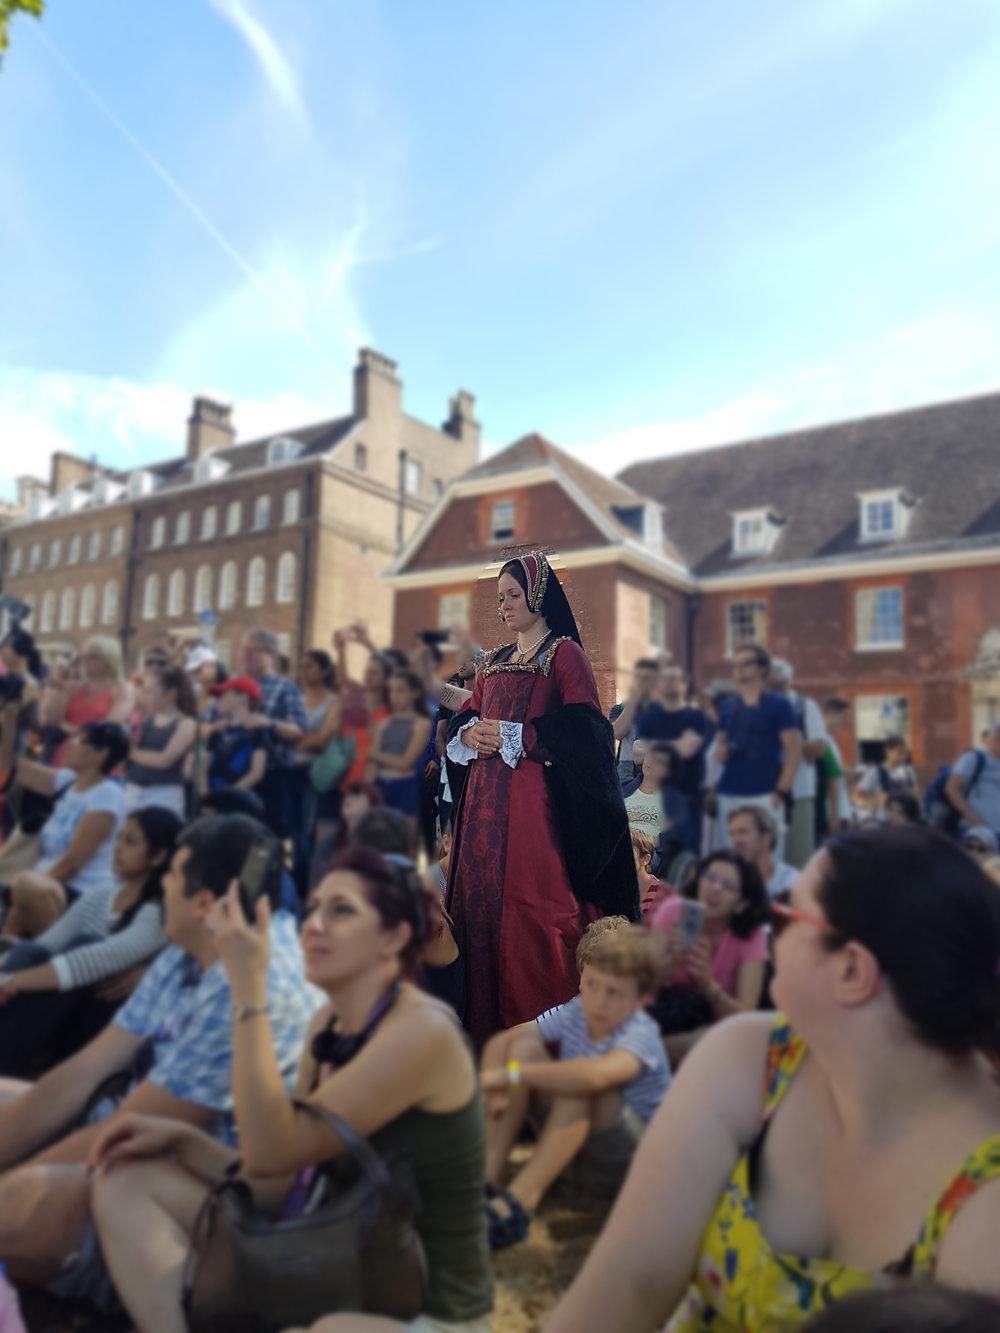 Anne Boleyn emerging from amongst the crowds